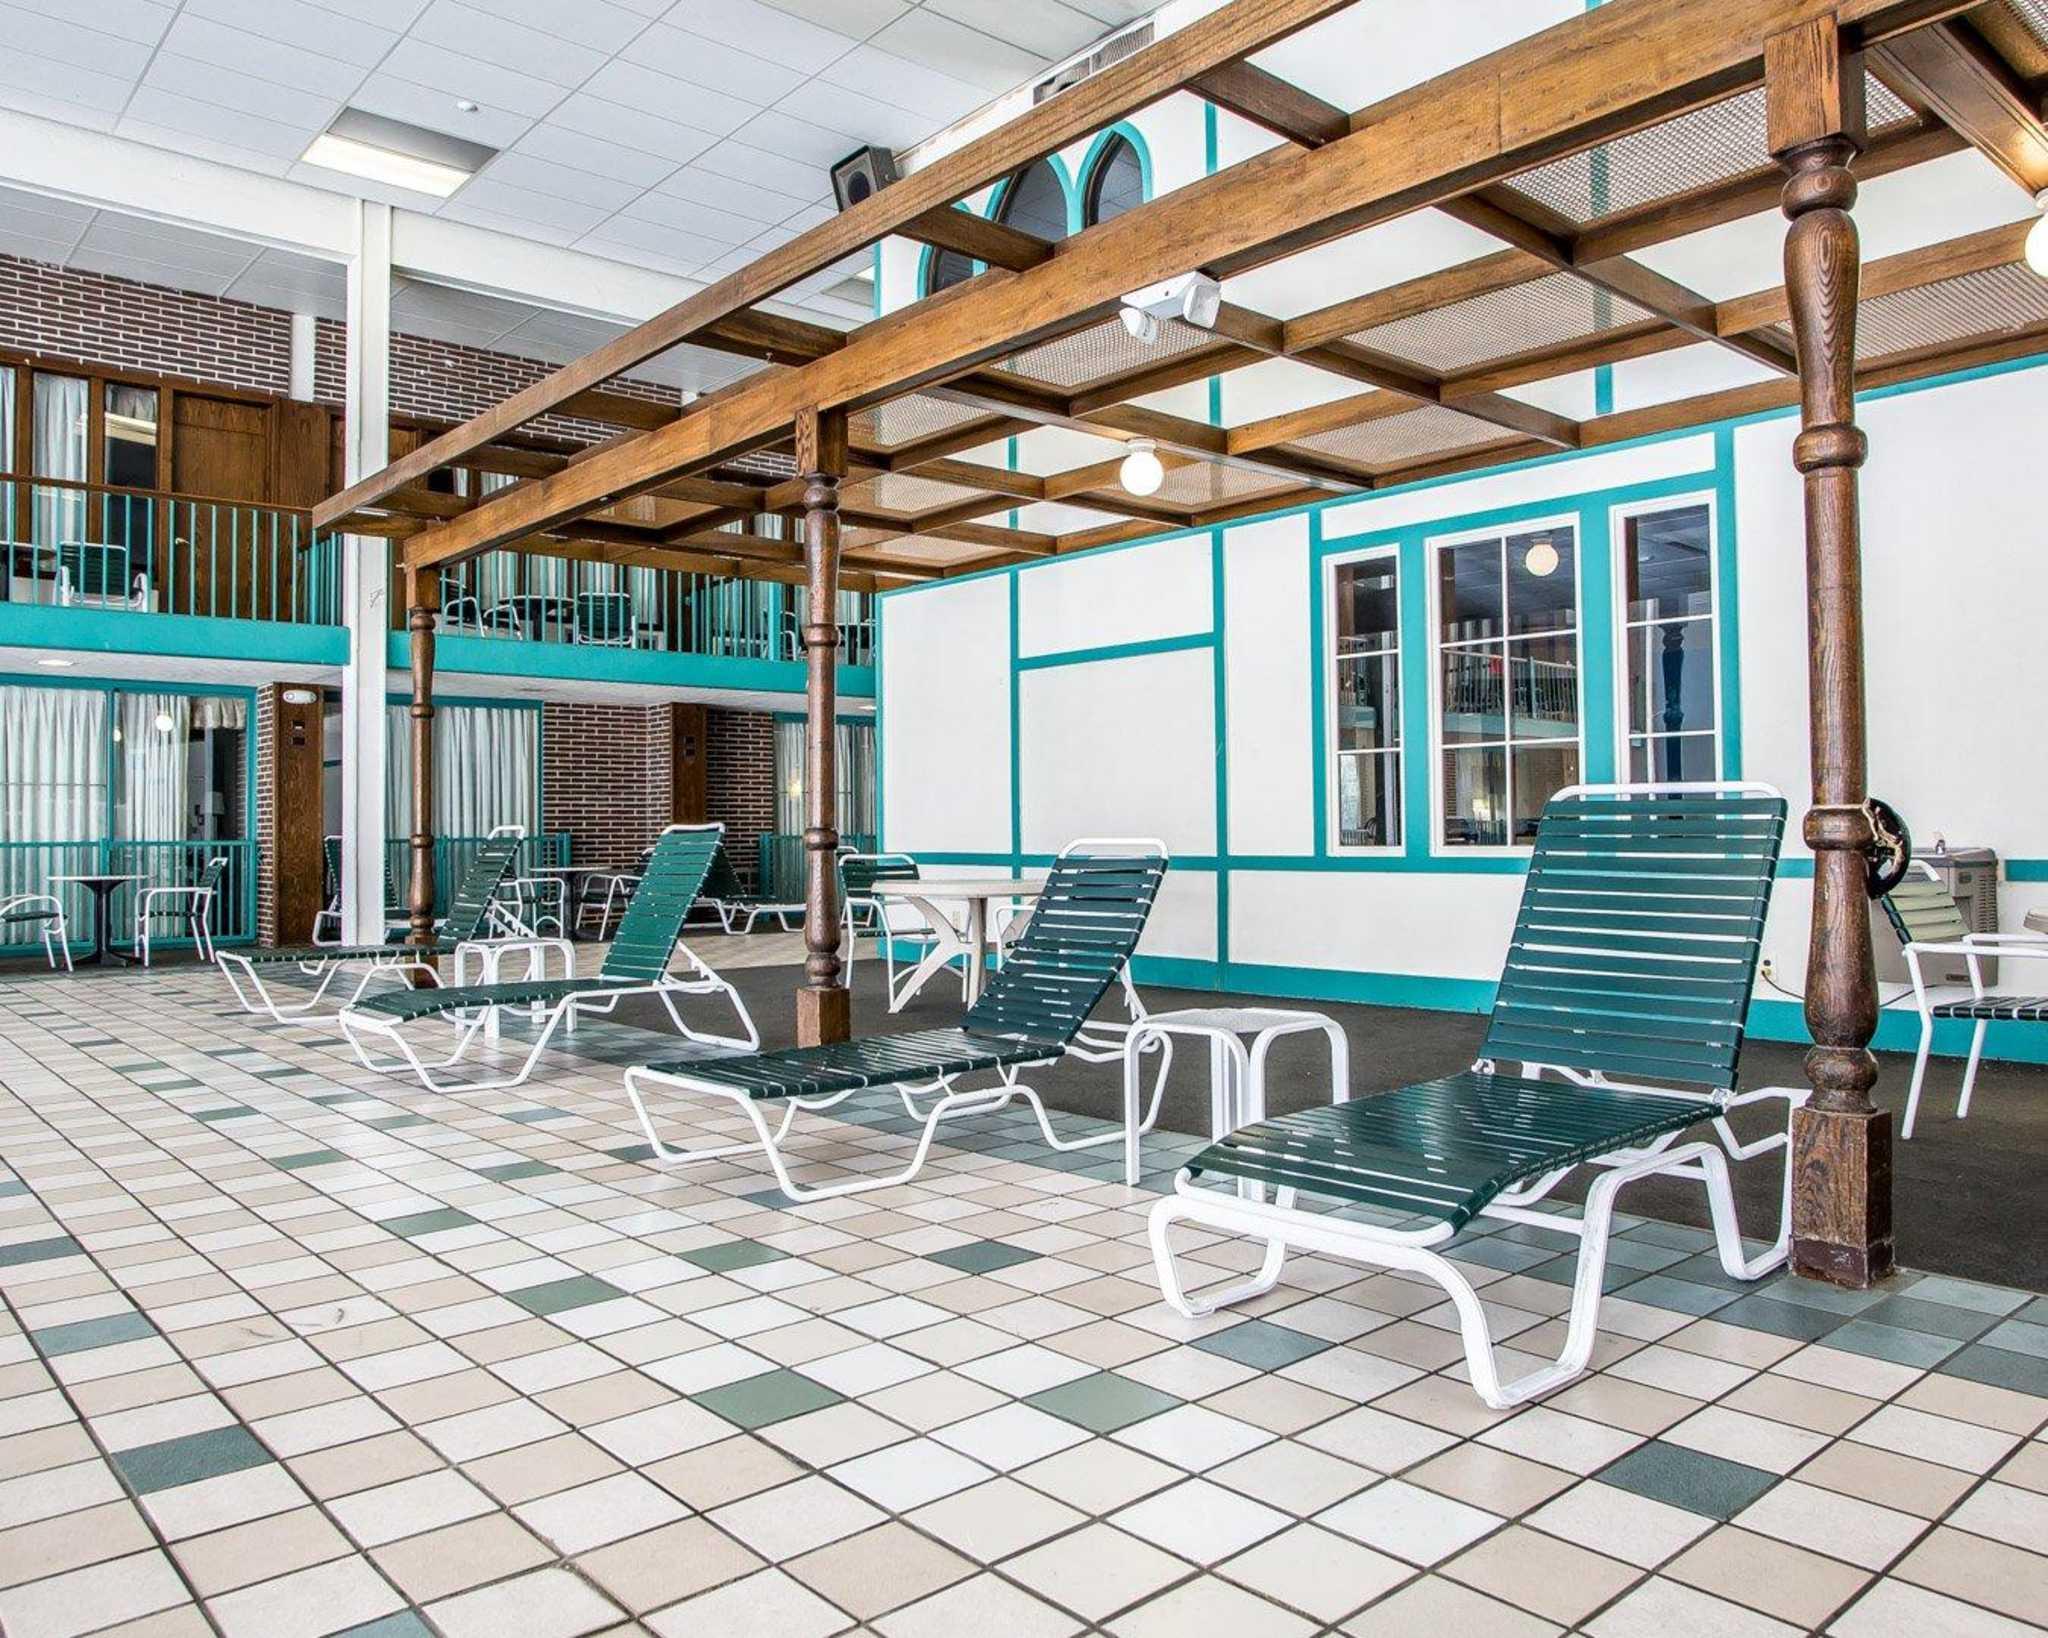 Clarion Hotel Highlander Conference Center image 11